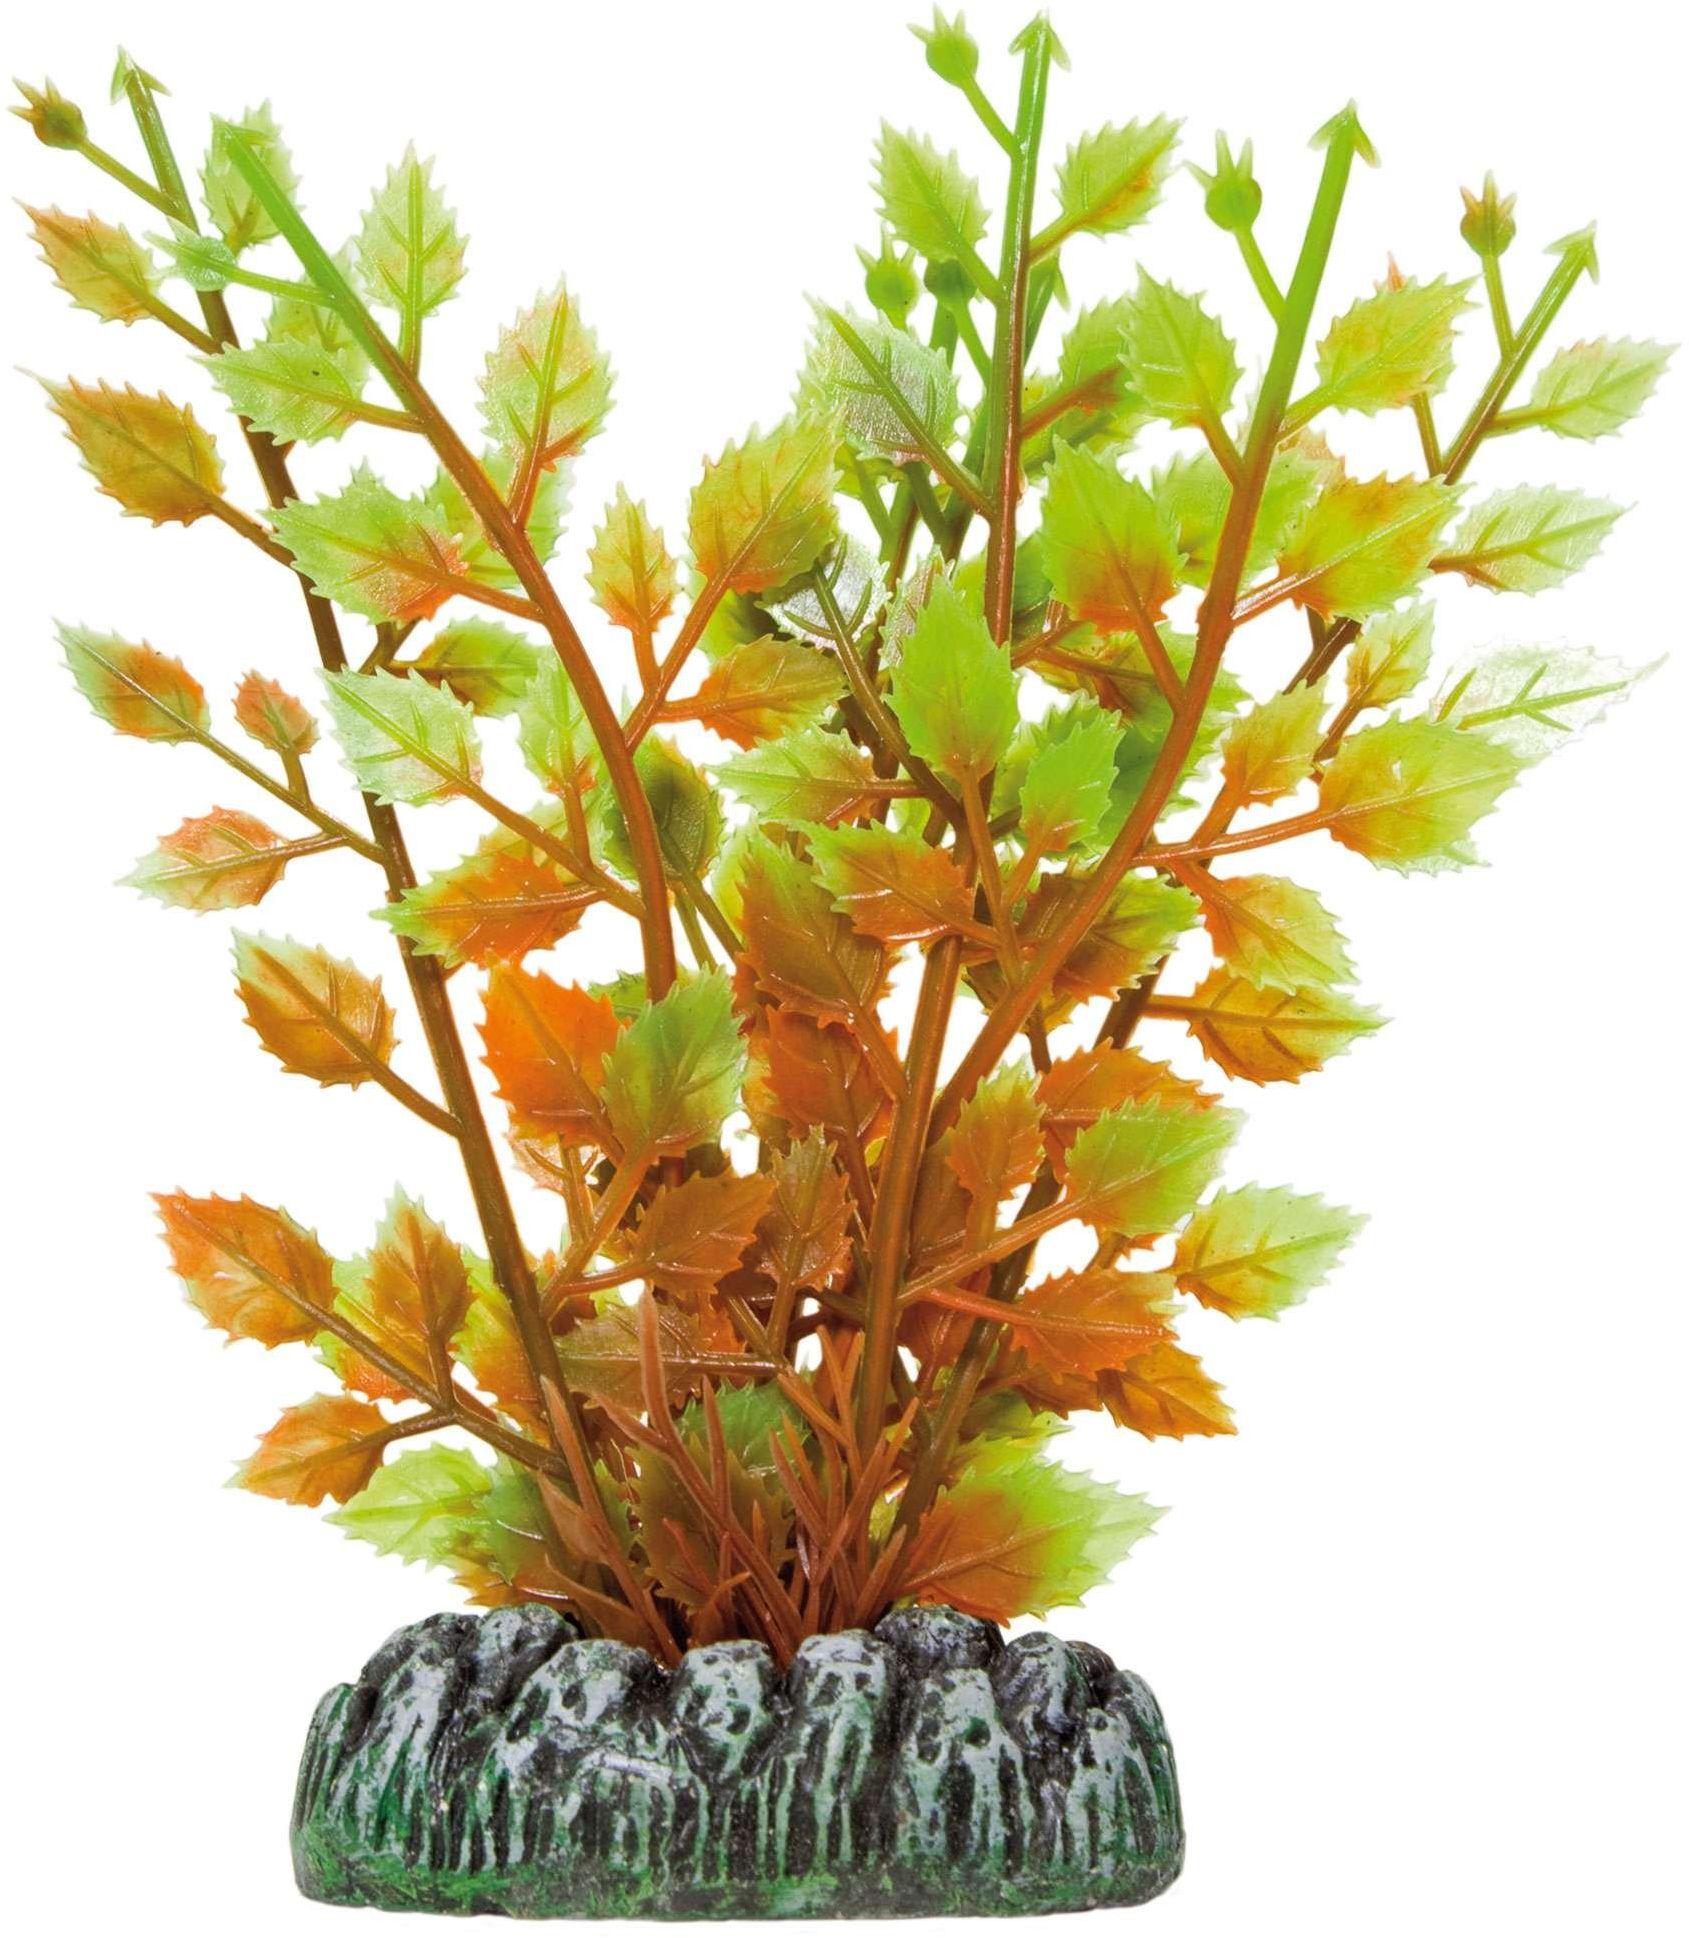 ICA AP1020 Hygrophila z roślin wodnych, tworzywo sztuczne